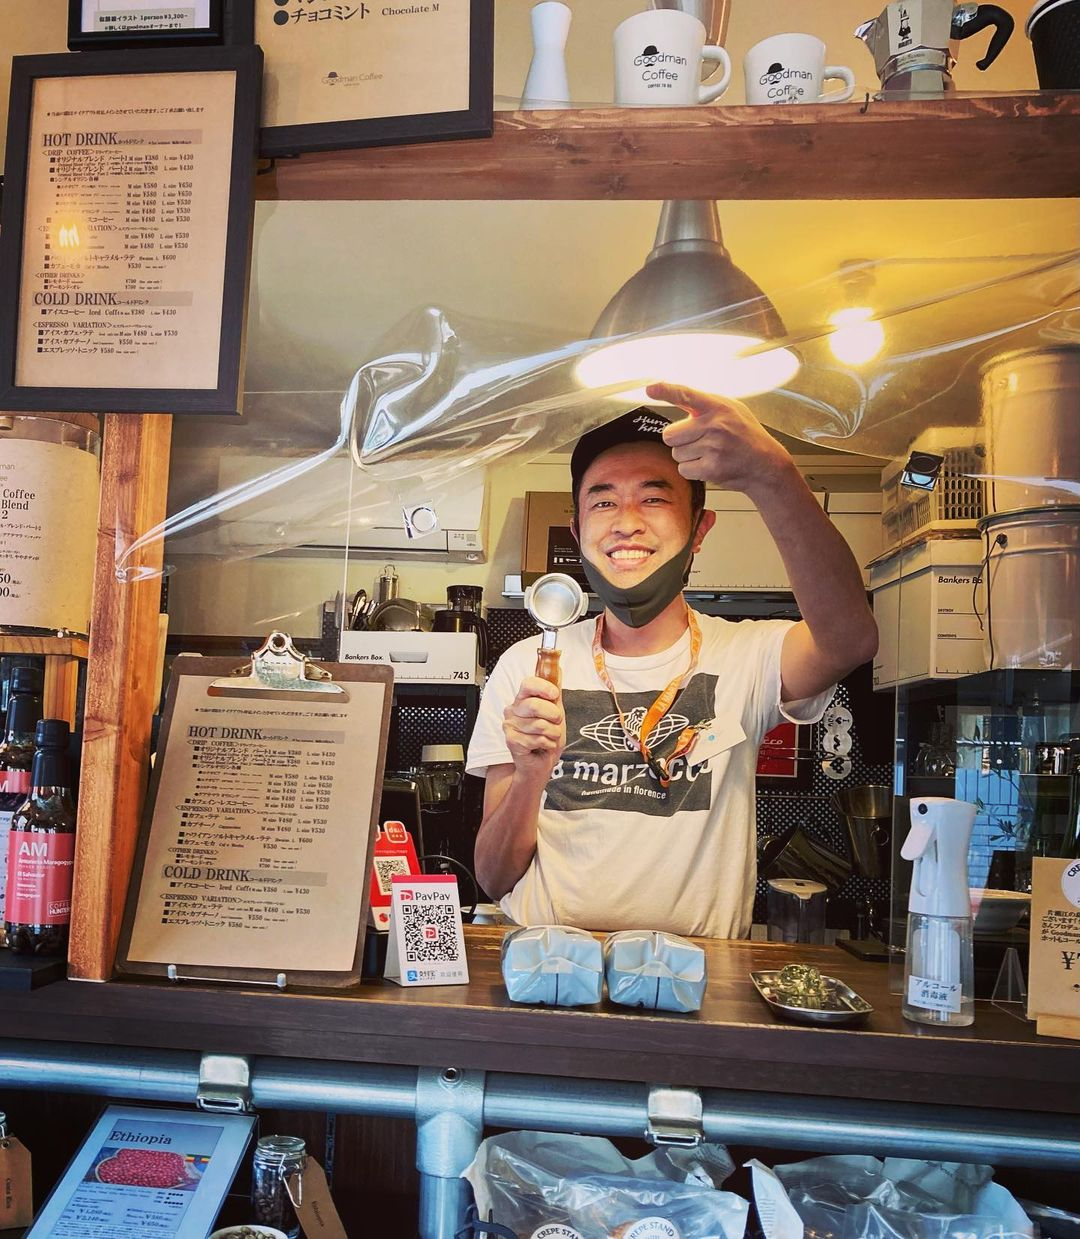 ご近所コーヒースタンドGoodman Coffee(2021.04.02)